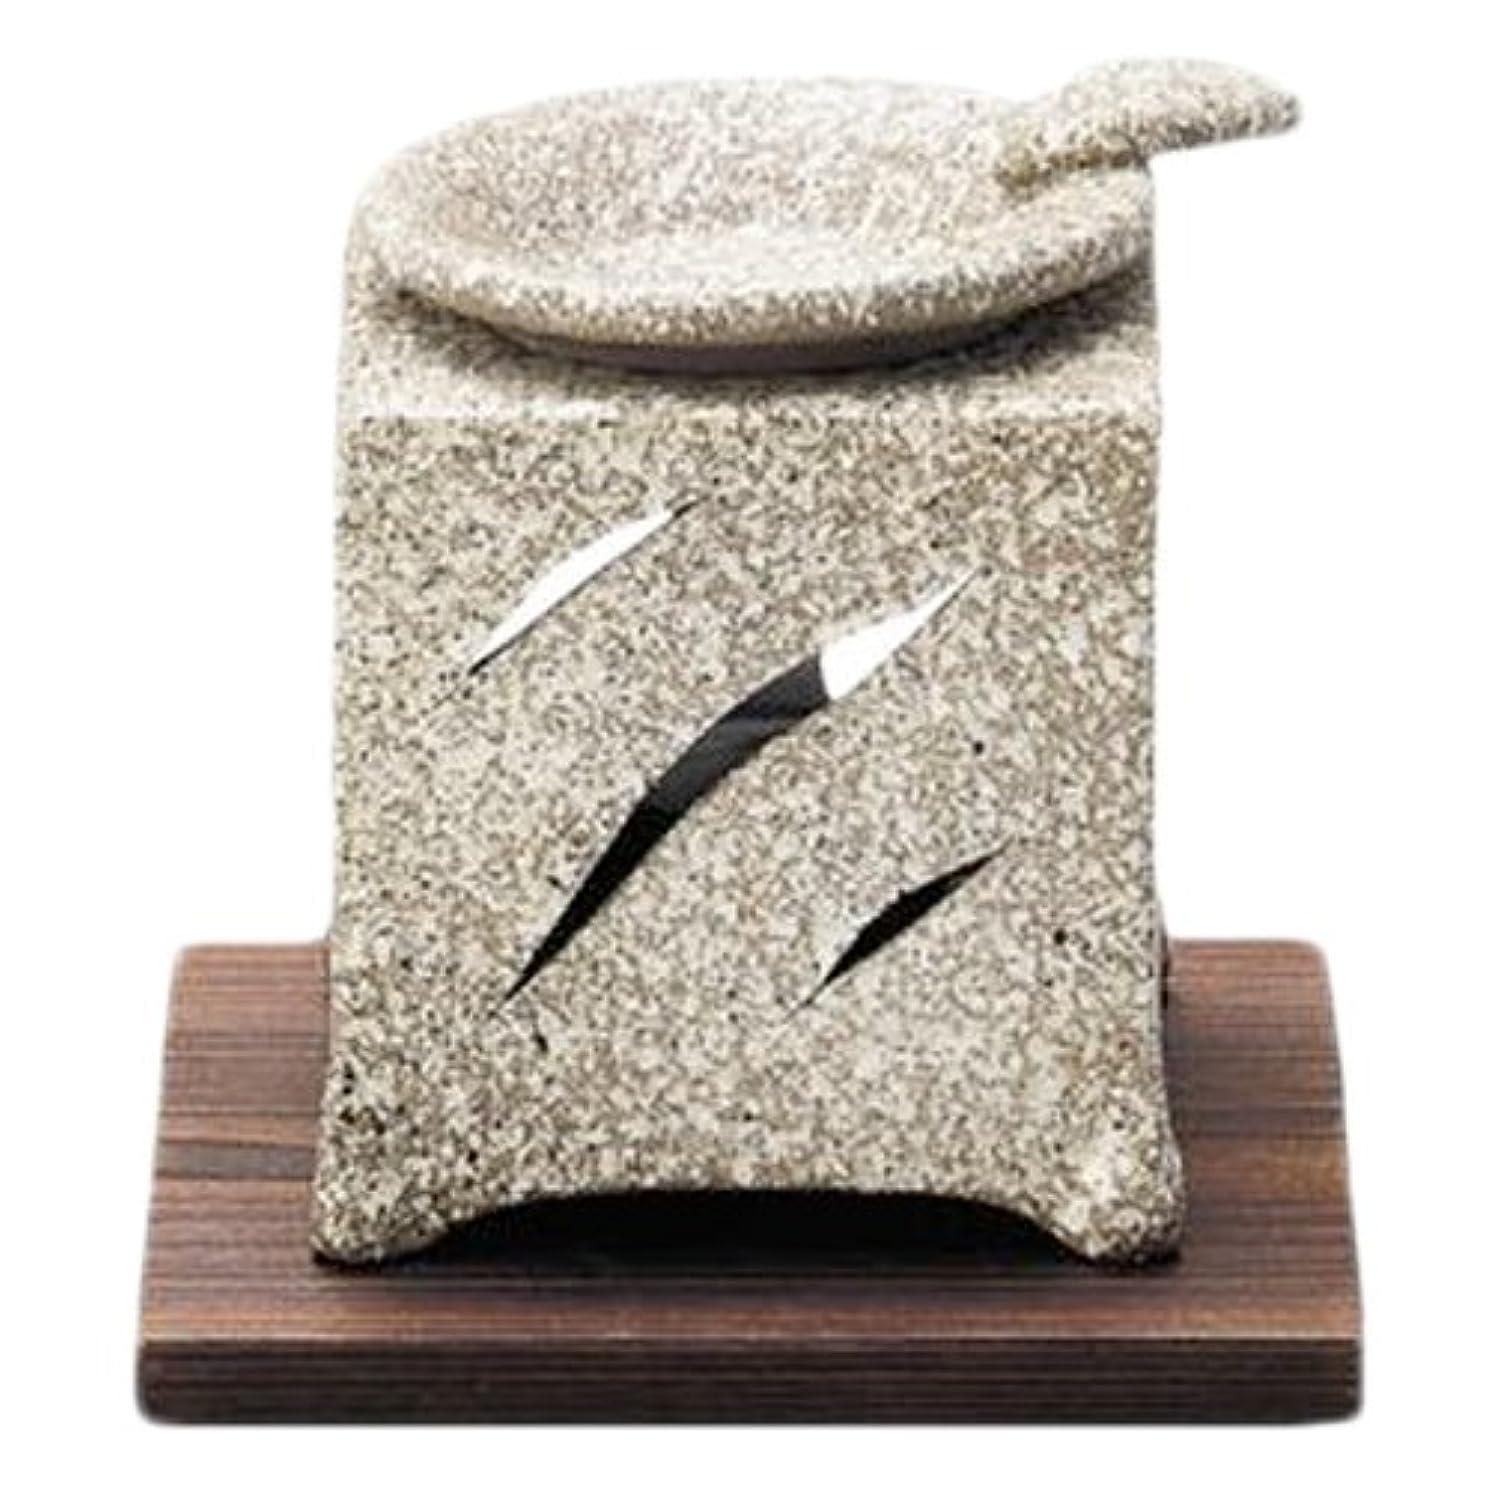 朝ゆでるバン常滑焼5-261山房 石風角形茶香炉 AM-T1054